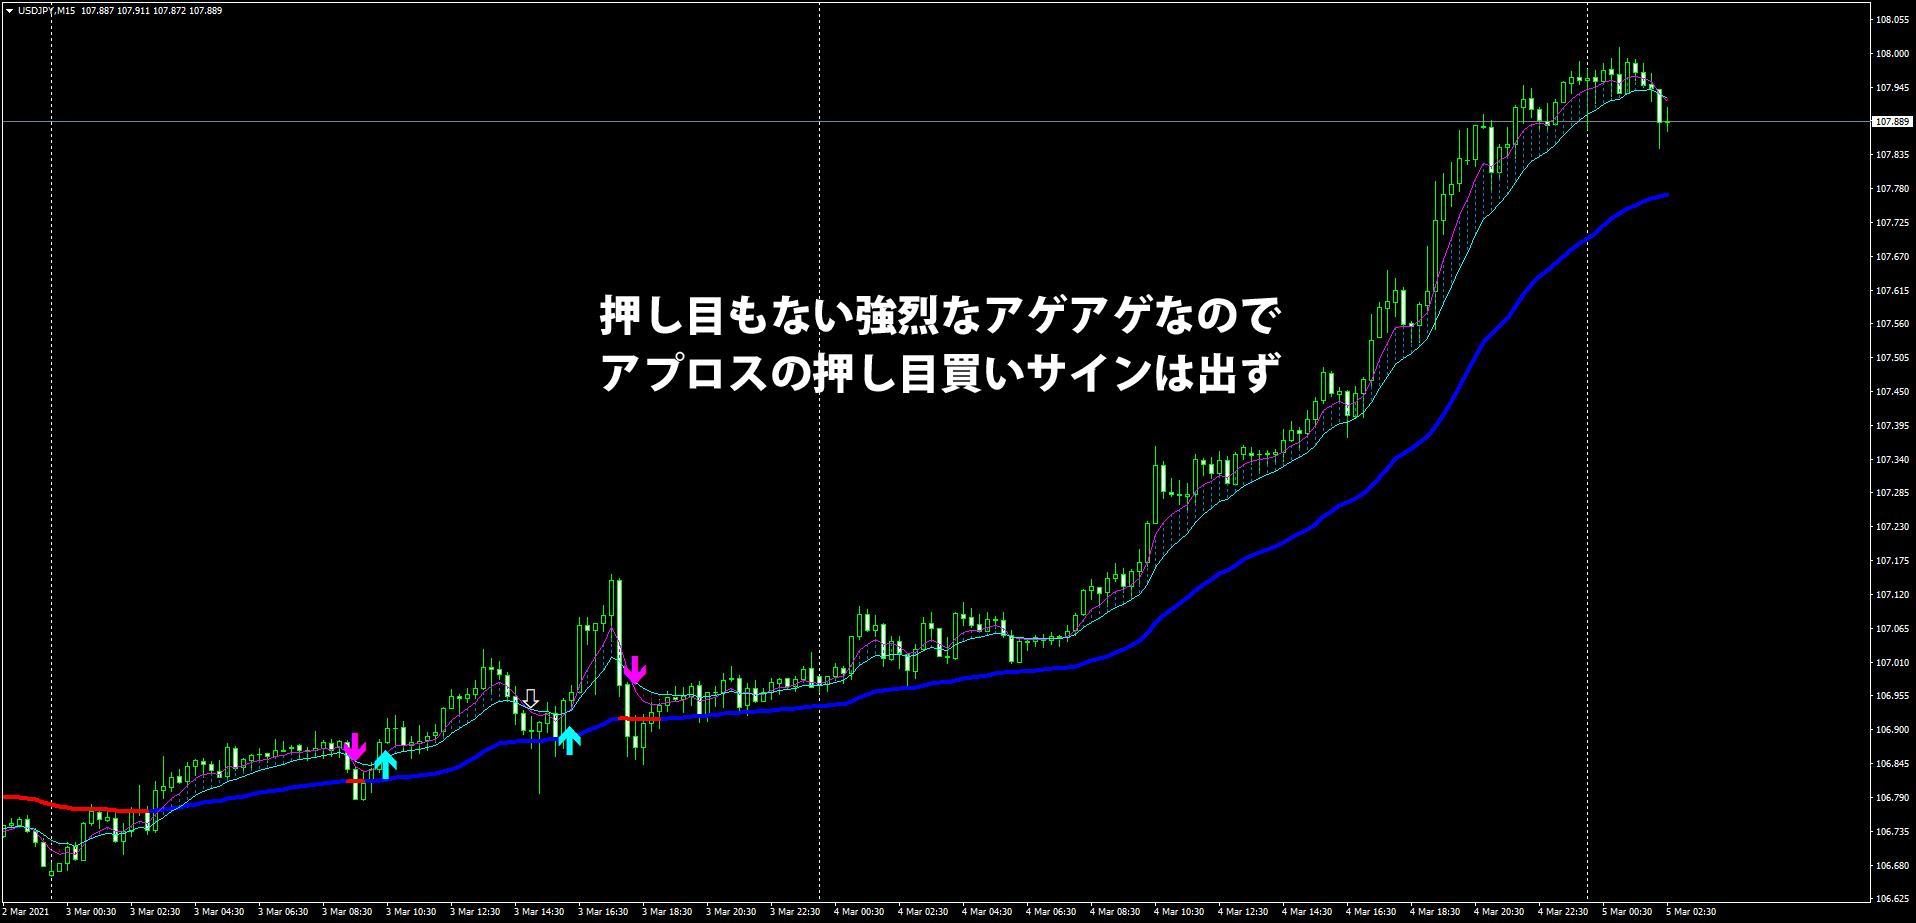 3/4のドル円15分足